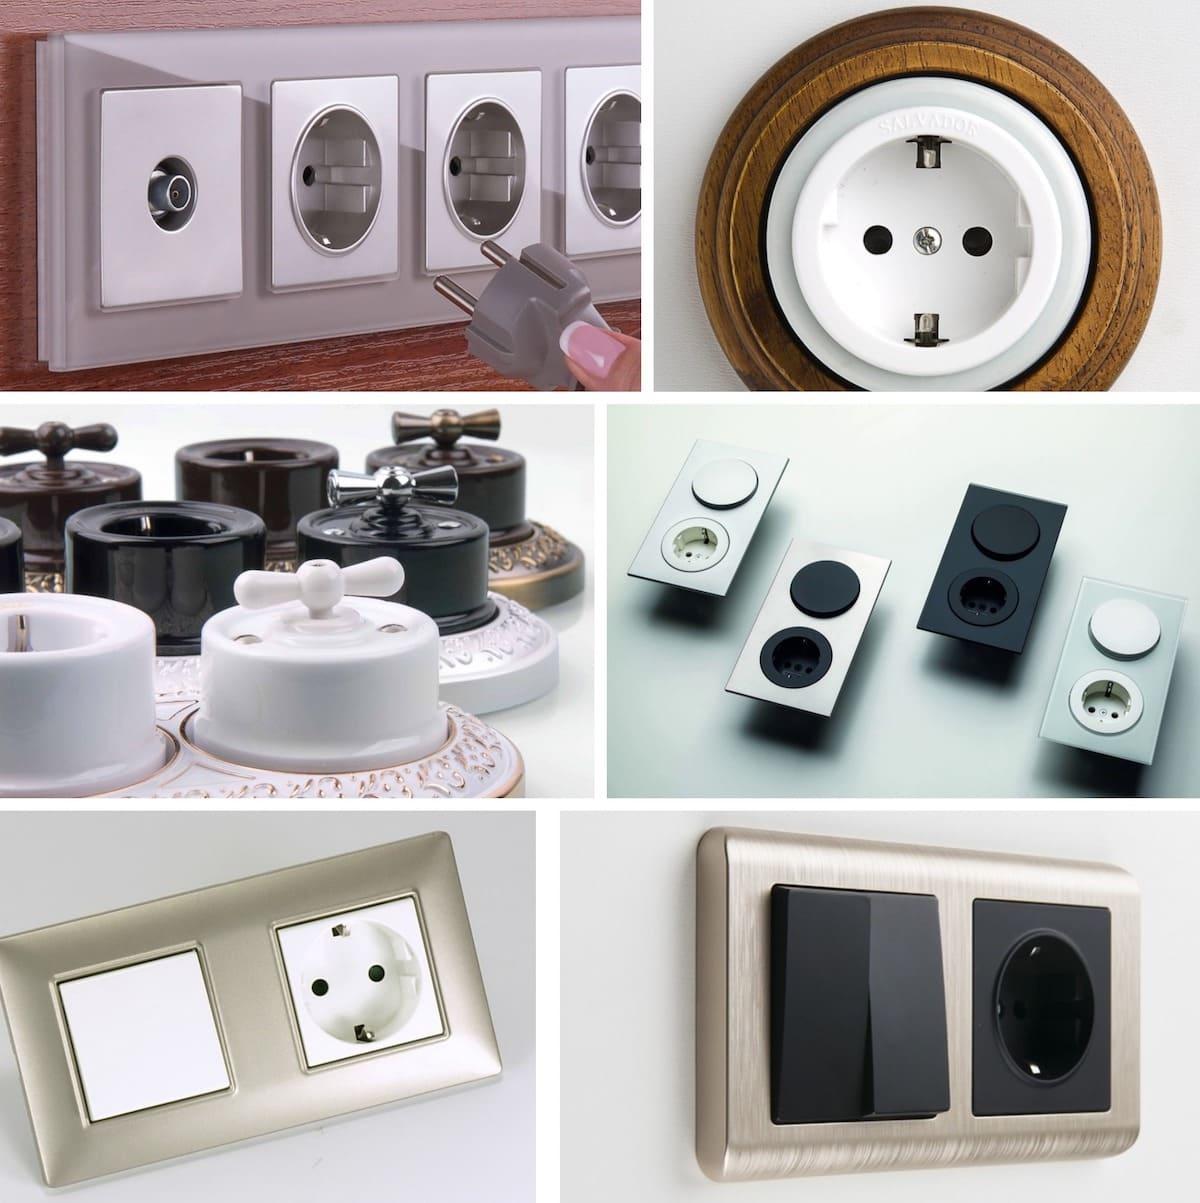 Виды и типы электрических розеток для домашнего использования